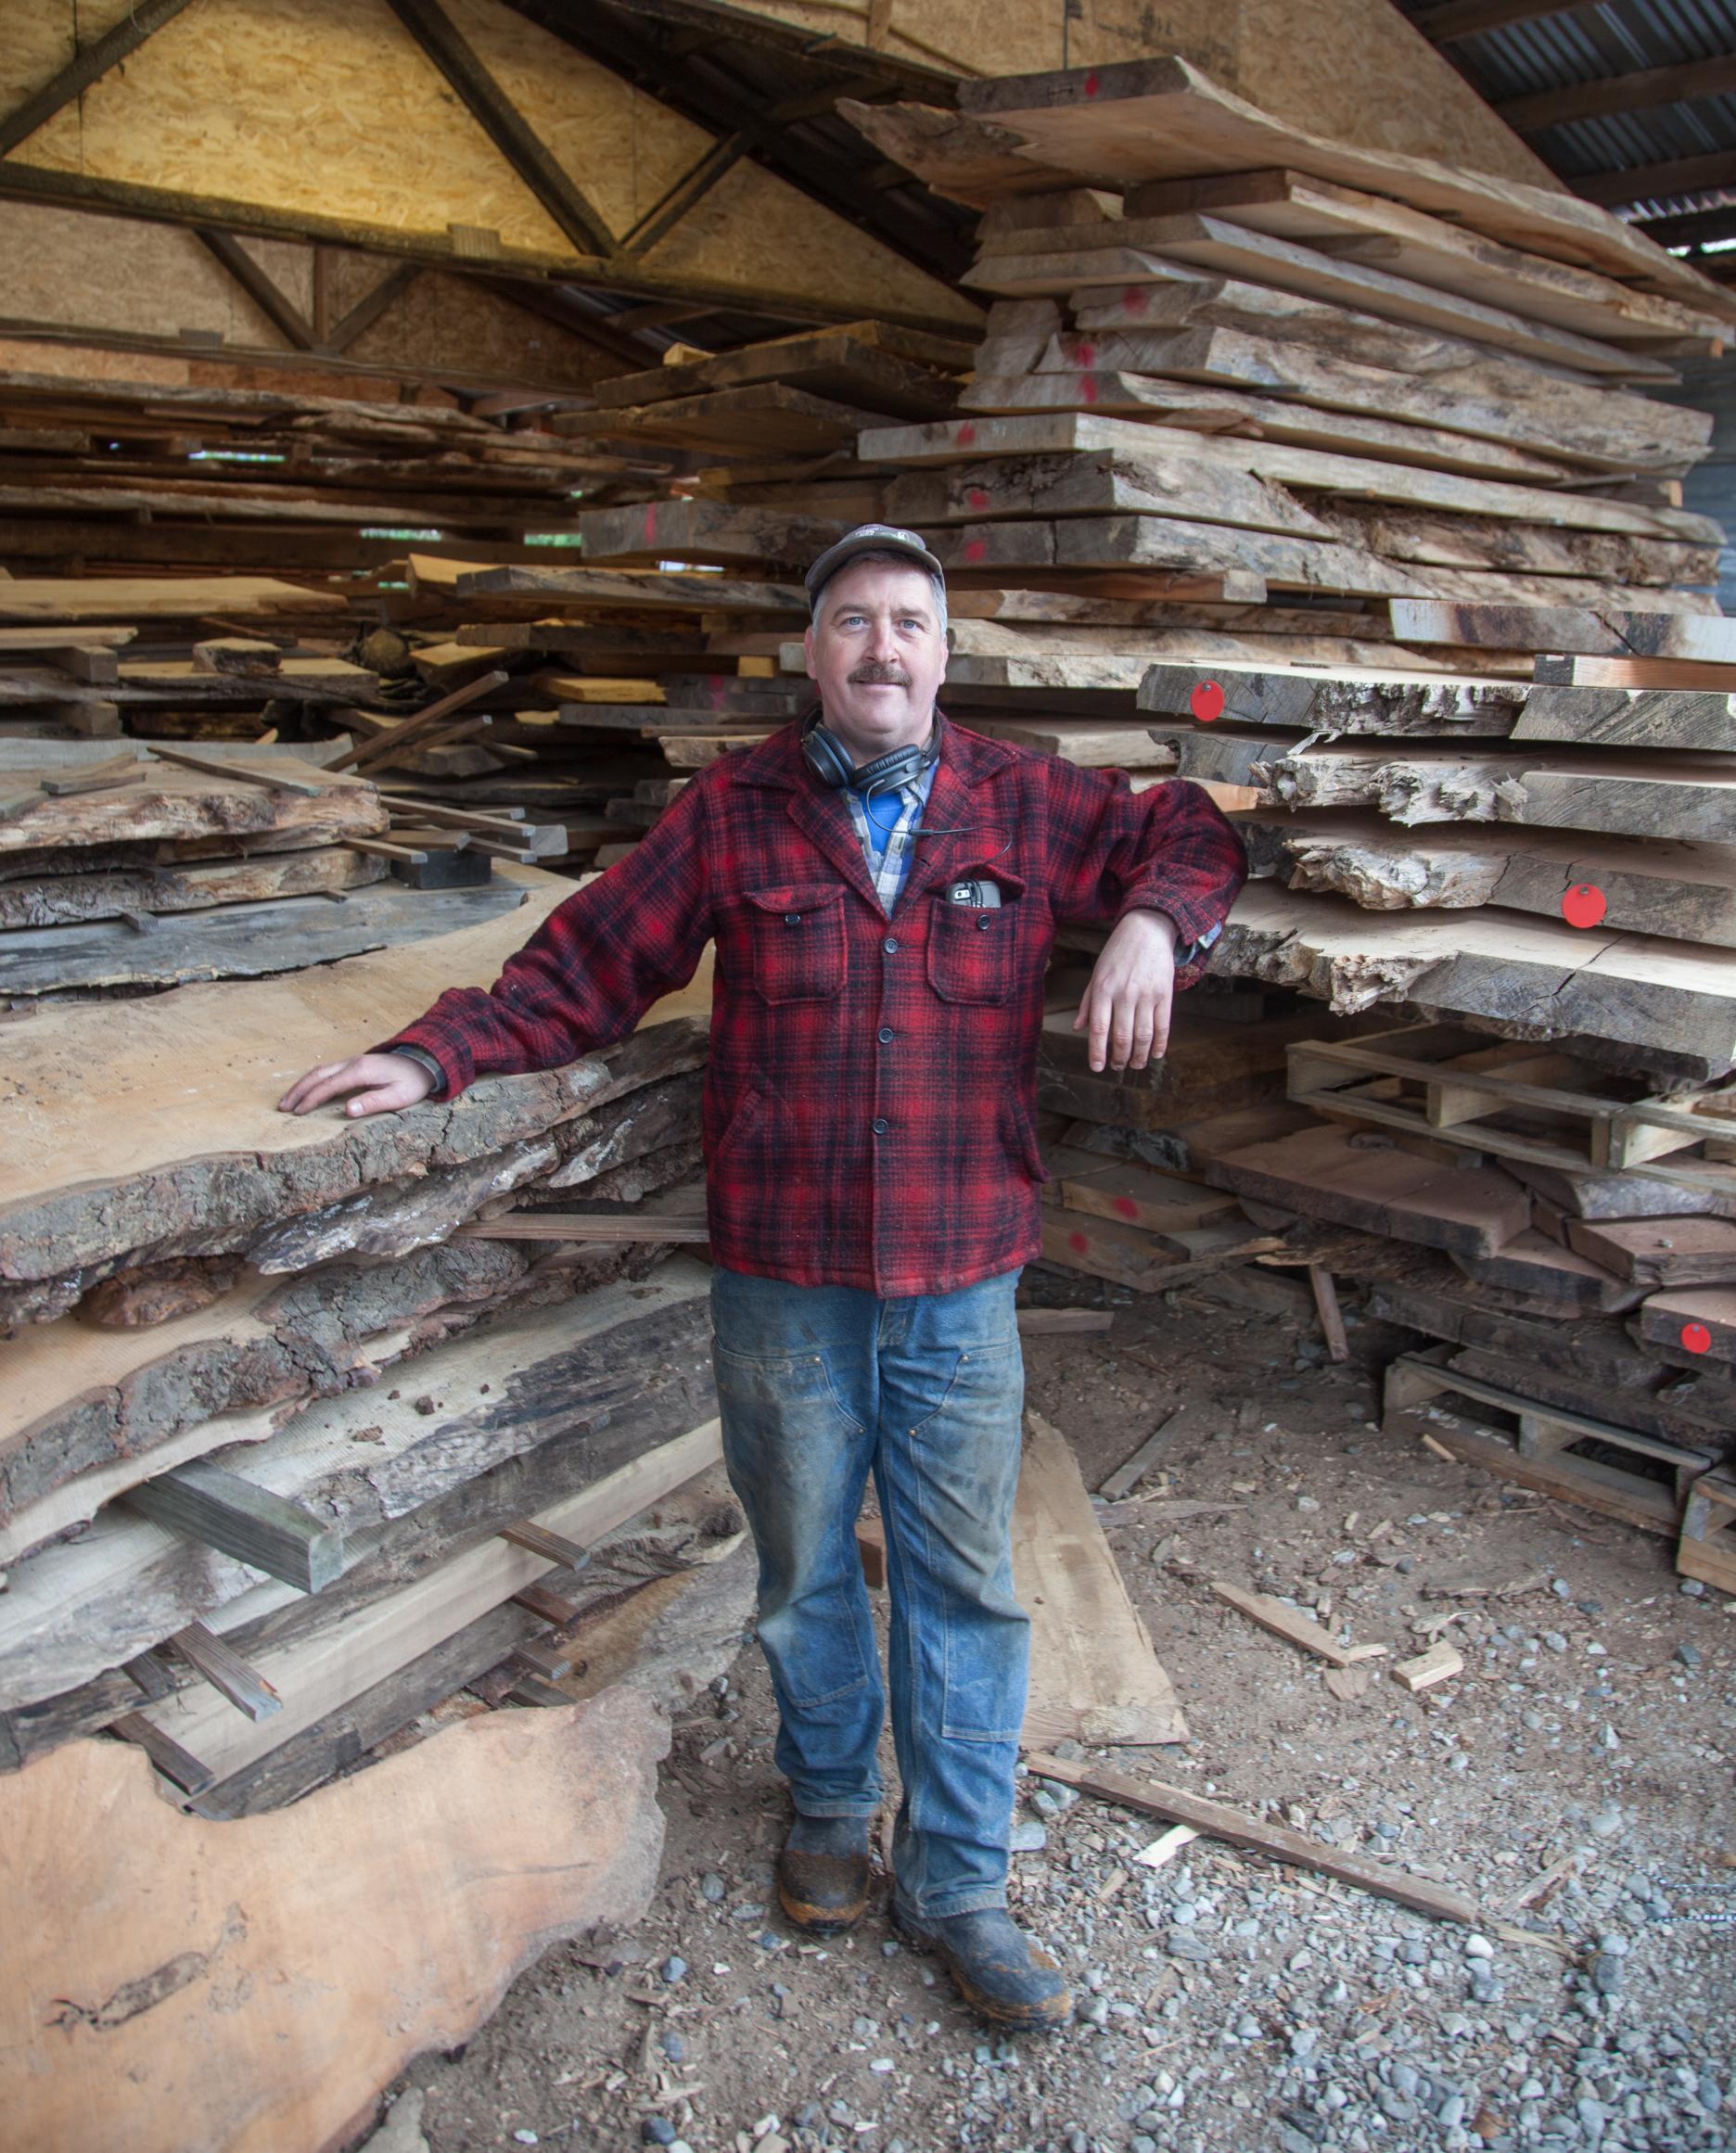 Bruce Blacker, Owner of Wild Edge Woods.